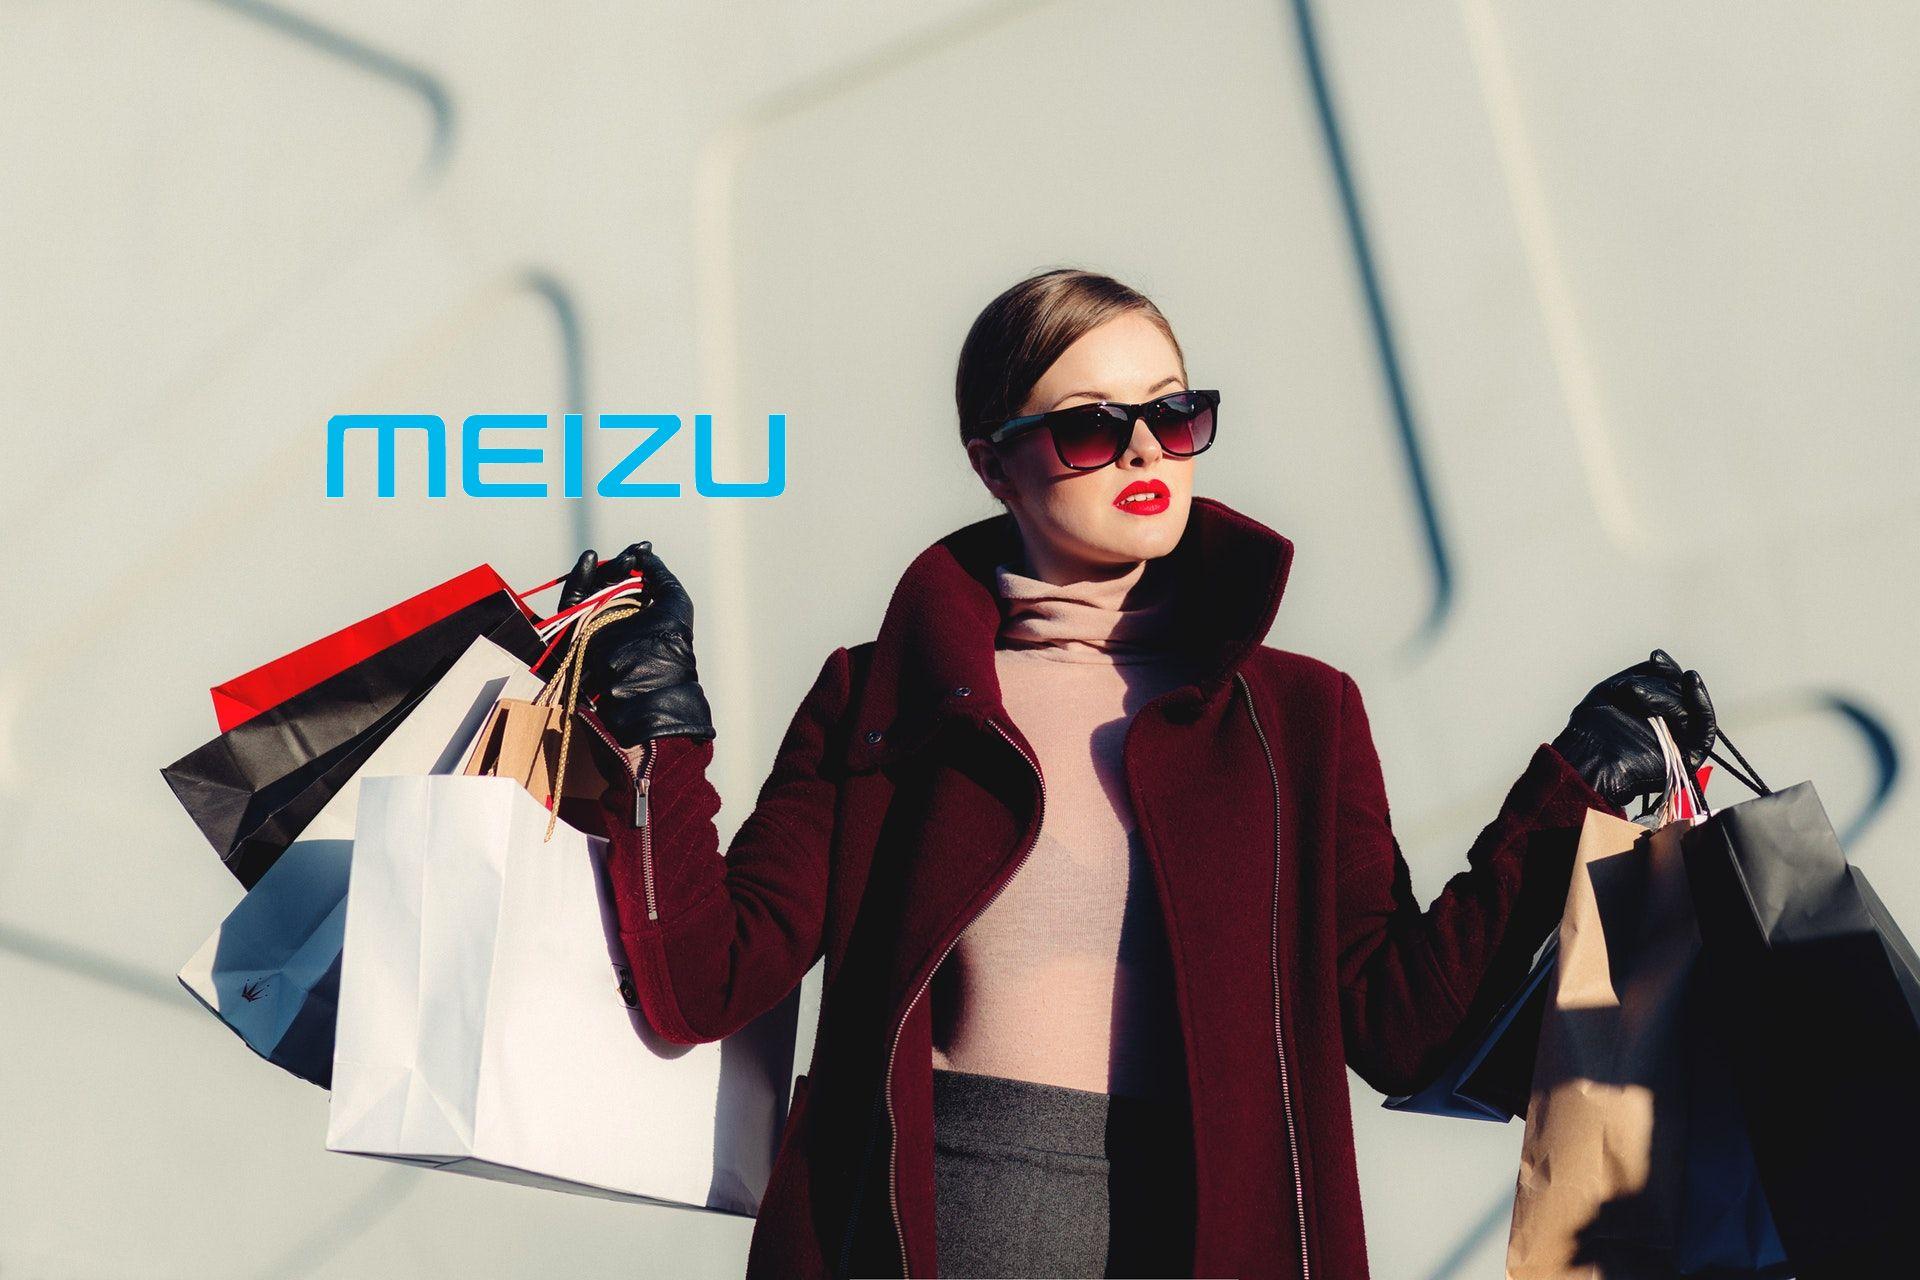 Meizu otworzyło swój oficjalny sklep na AliExpress 20